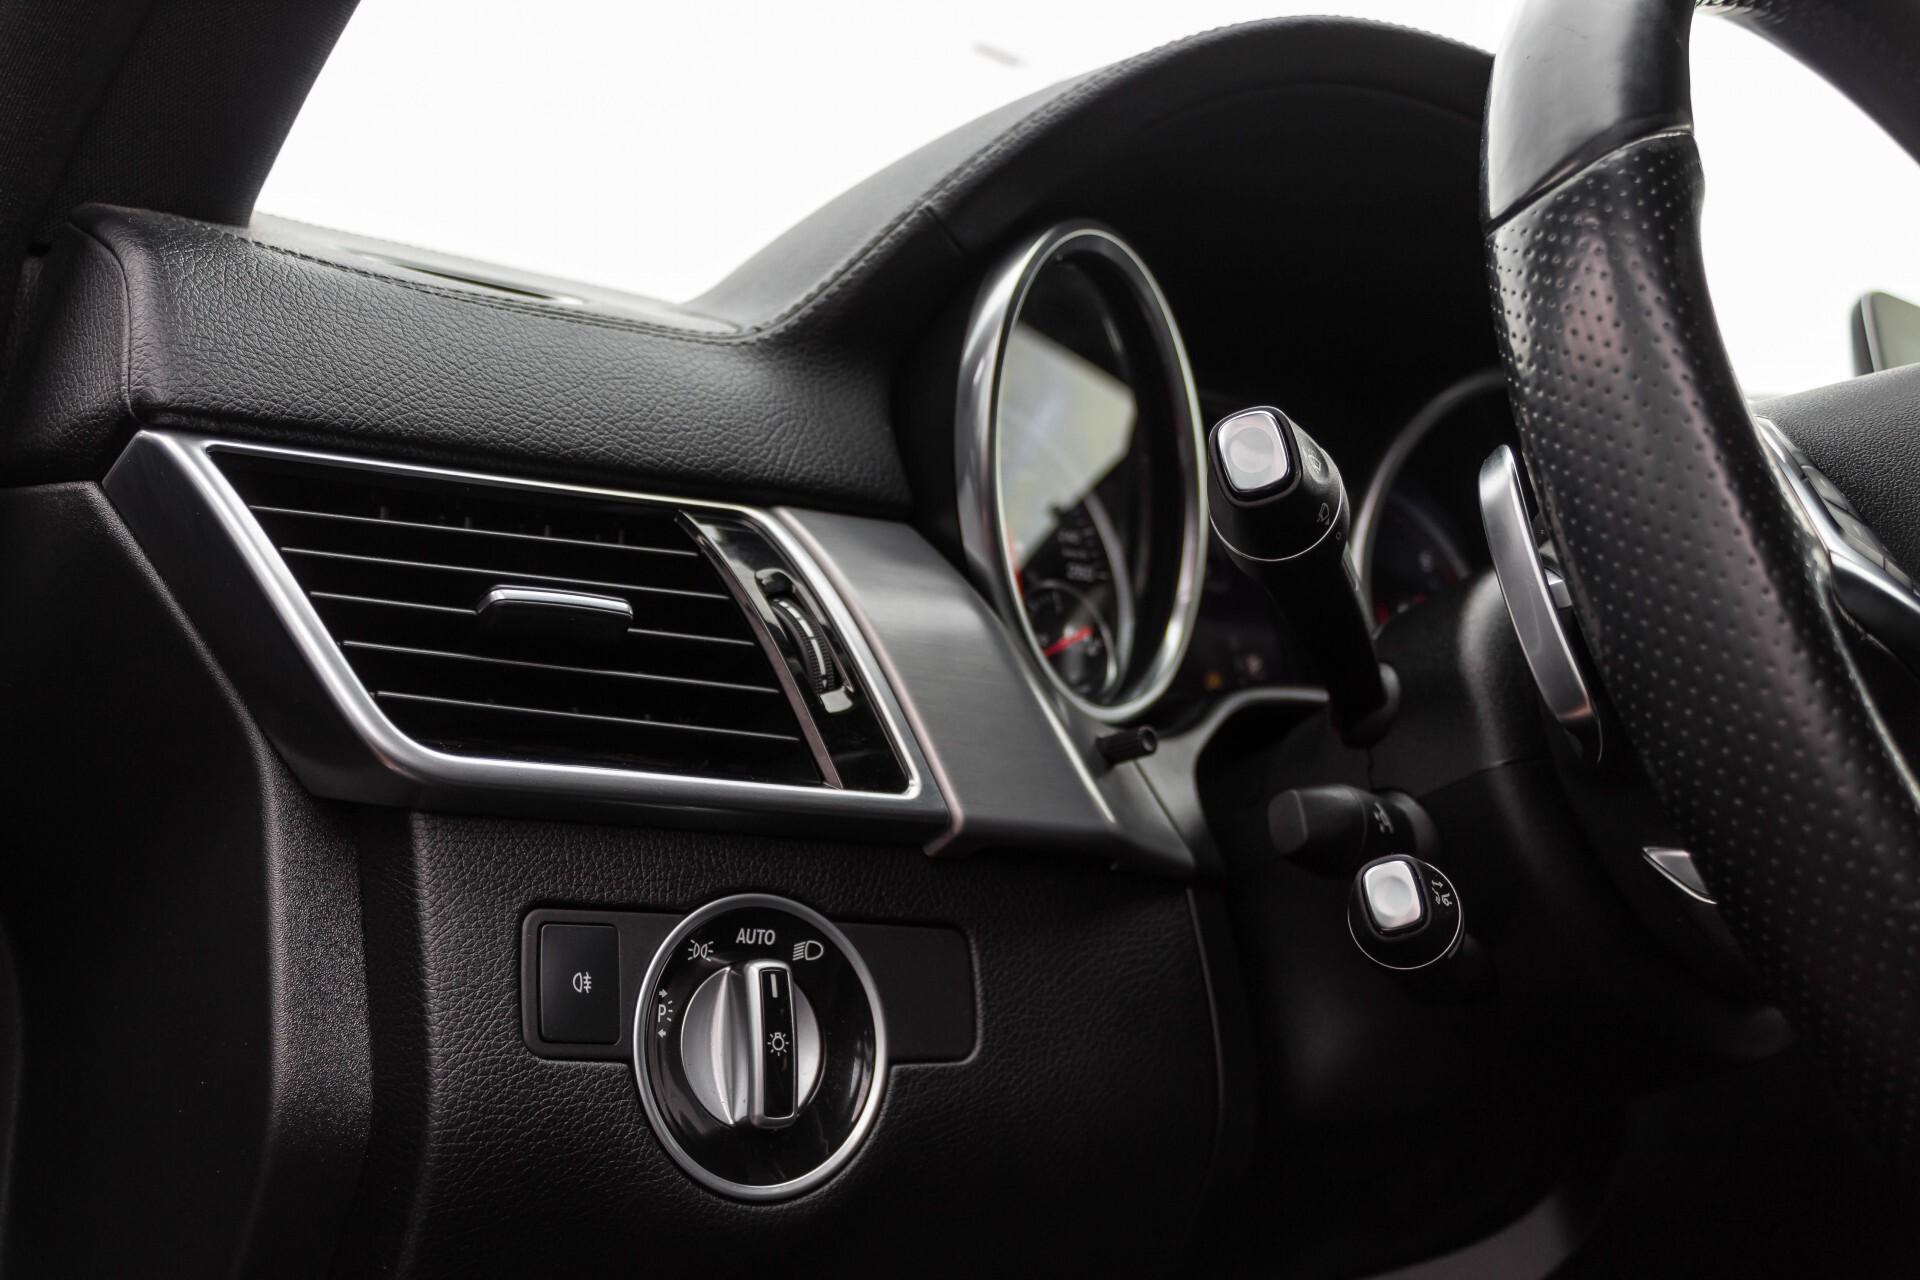 Mercedes-Benz GLE-Klasse Coupé 350 d 4-M AMG Luchtvering/Distronic/Panorama/Mem/Trekhaak Aut9 Foto 47